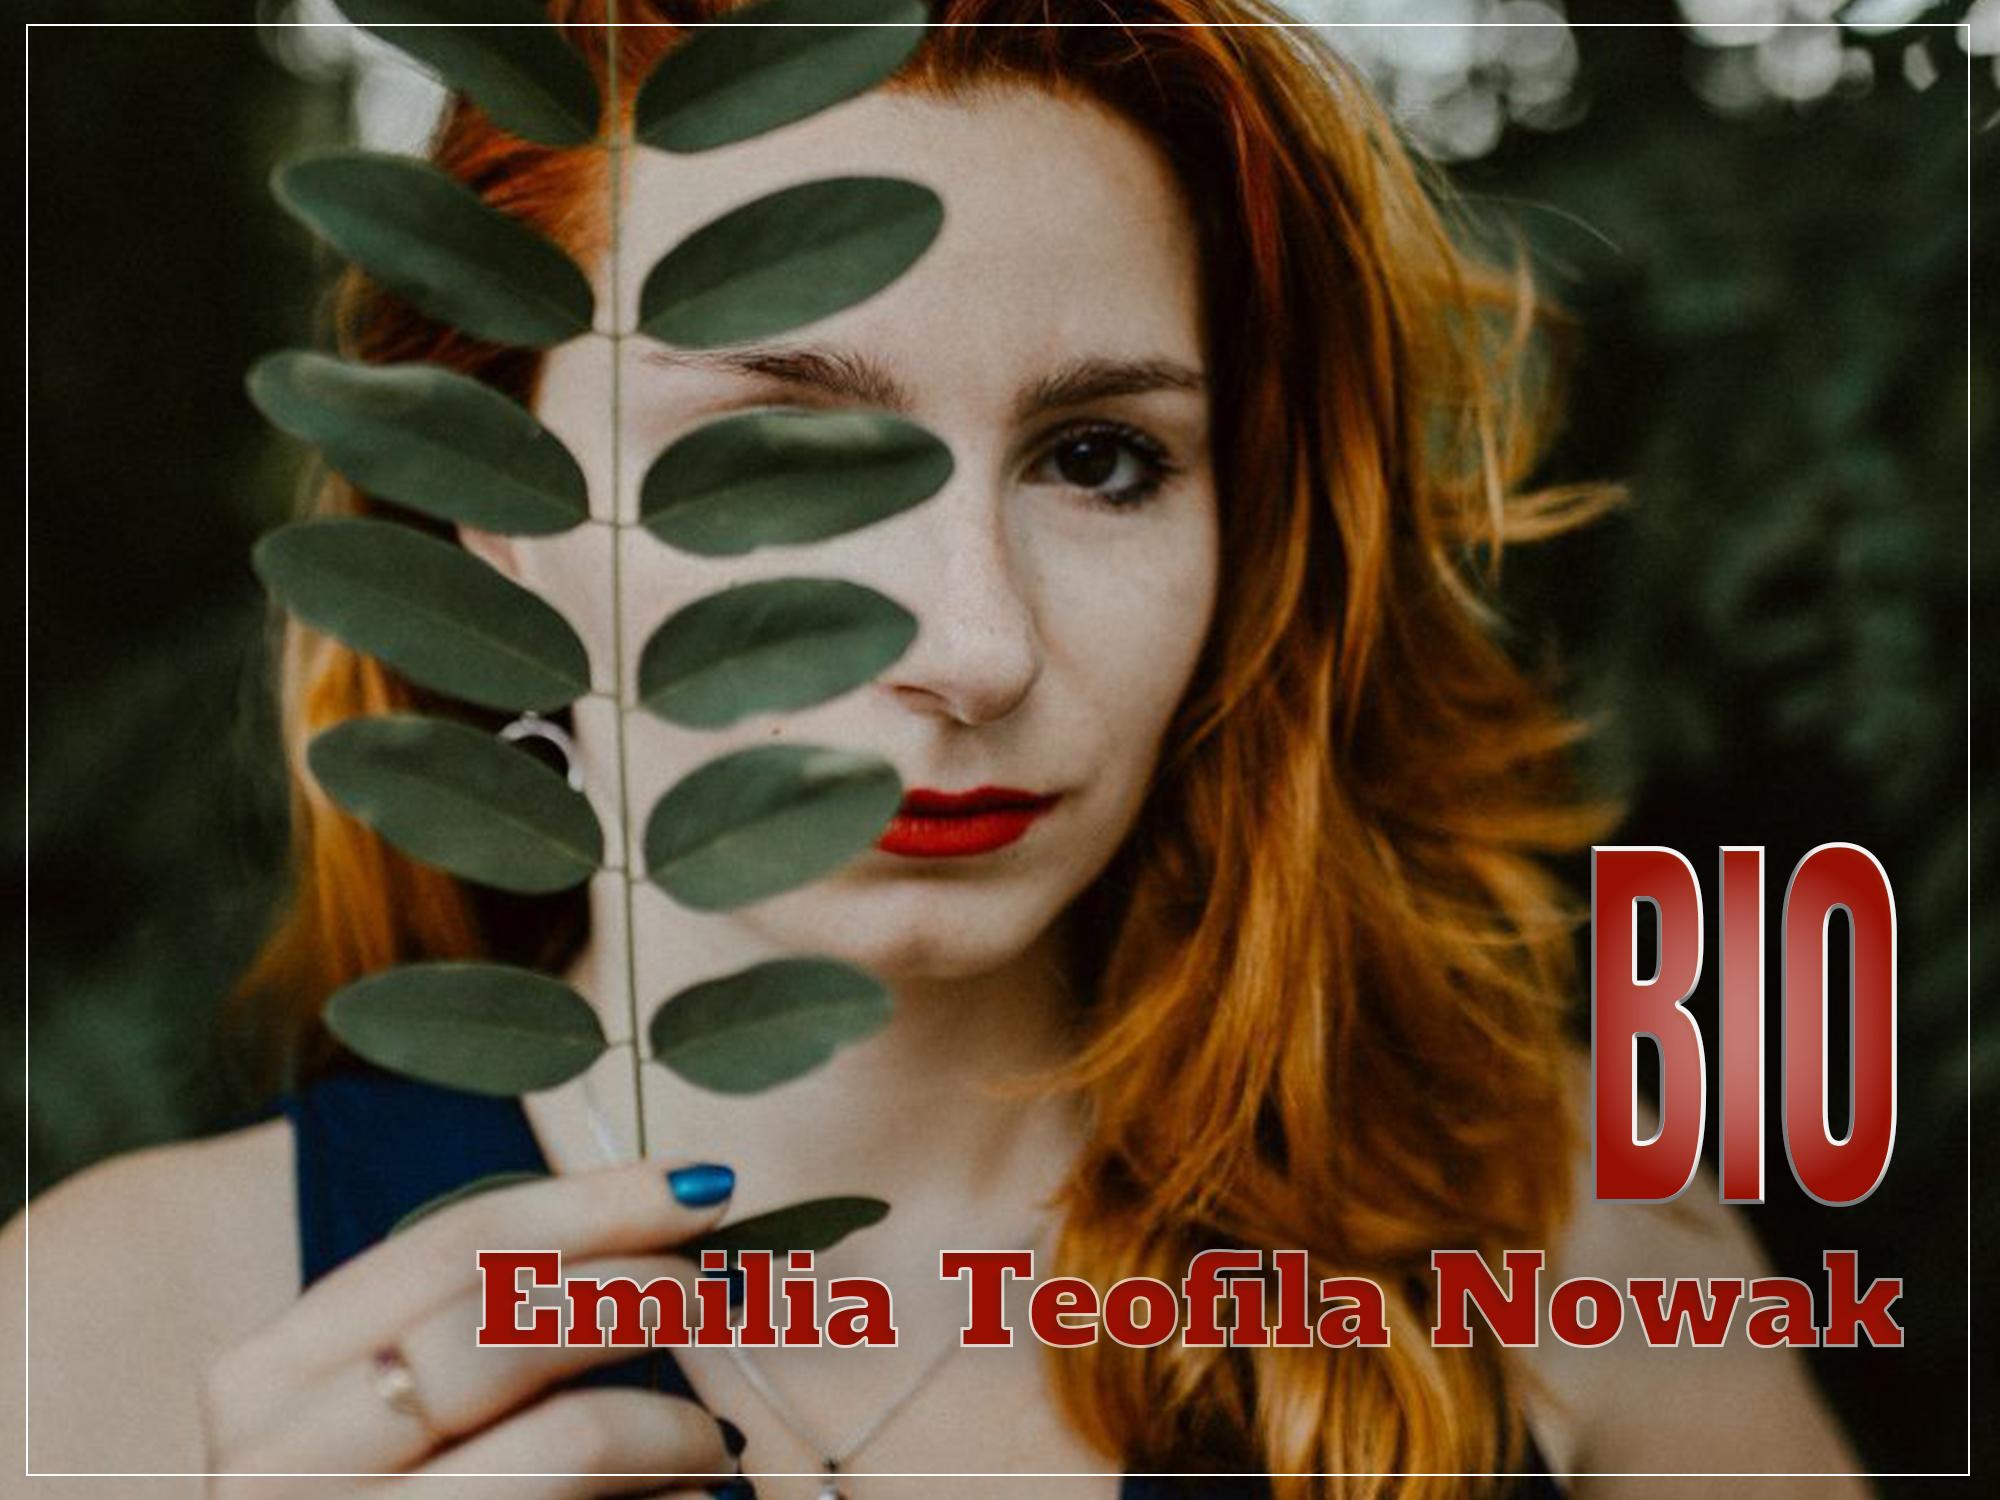 Emilia Teofila Nowak, zaczytanyksiazkoholik.pl